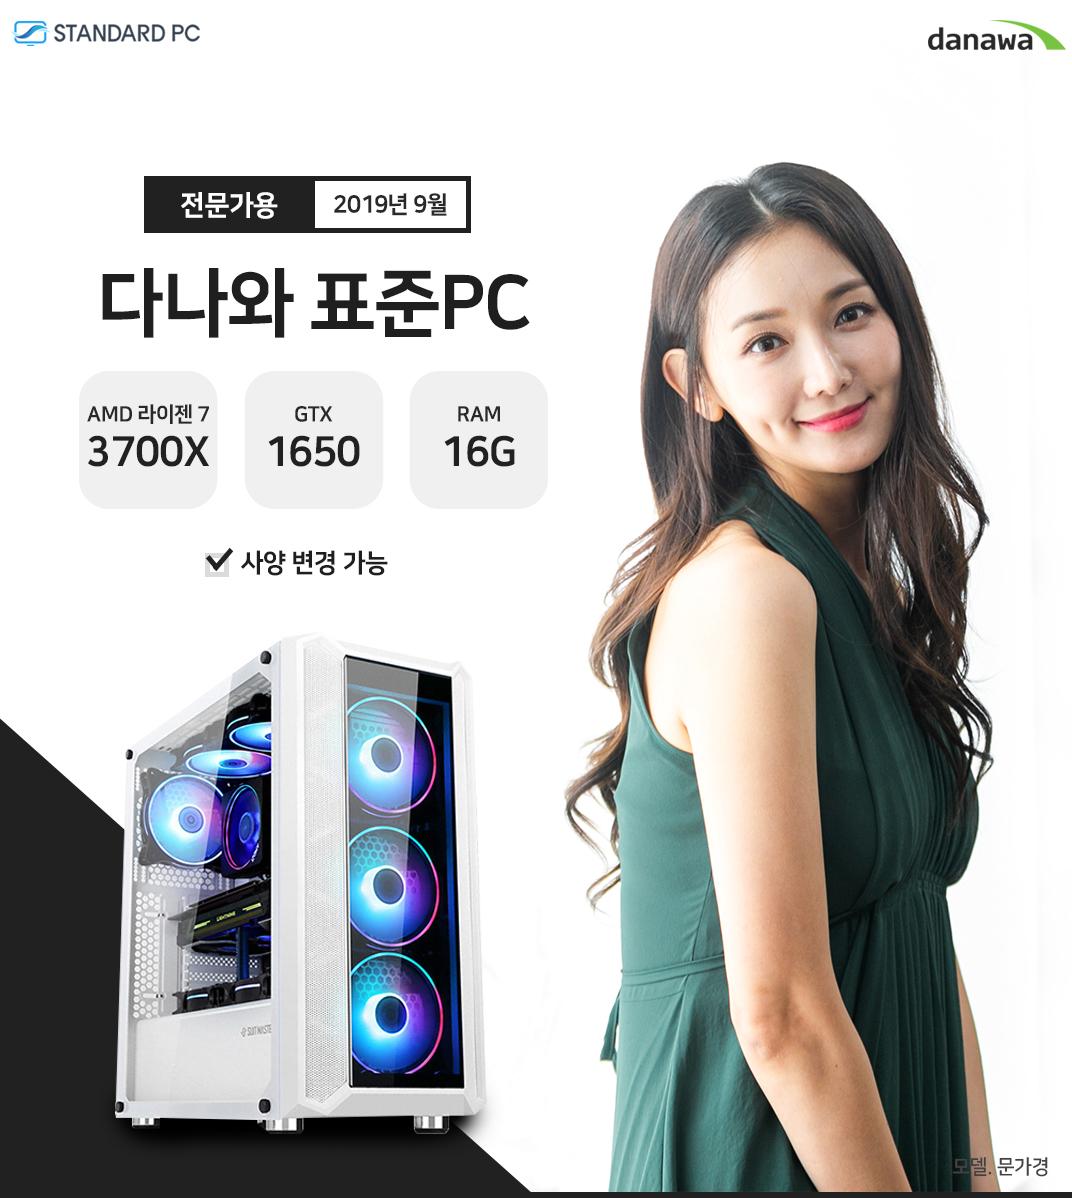 2019년 9월 다나와 영상/음향작업용 AMD 라이젠 7 3700X GTX 1650 RAM 16G 모델 문가경